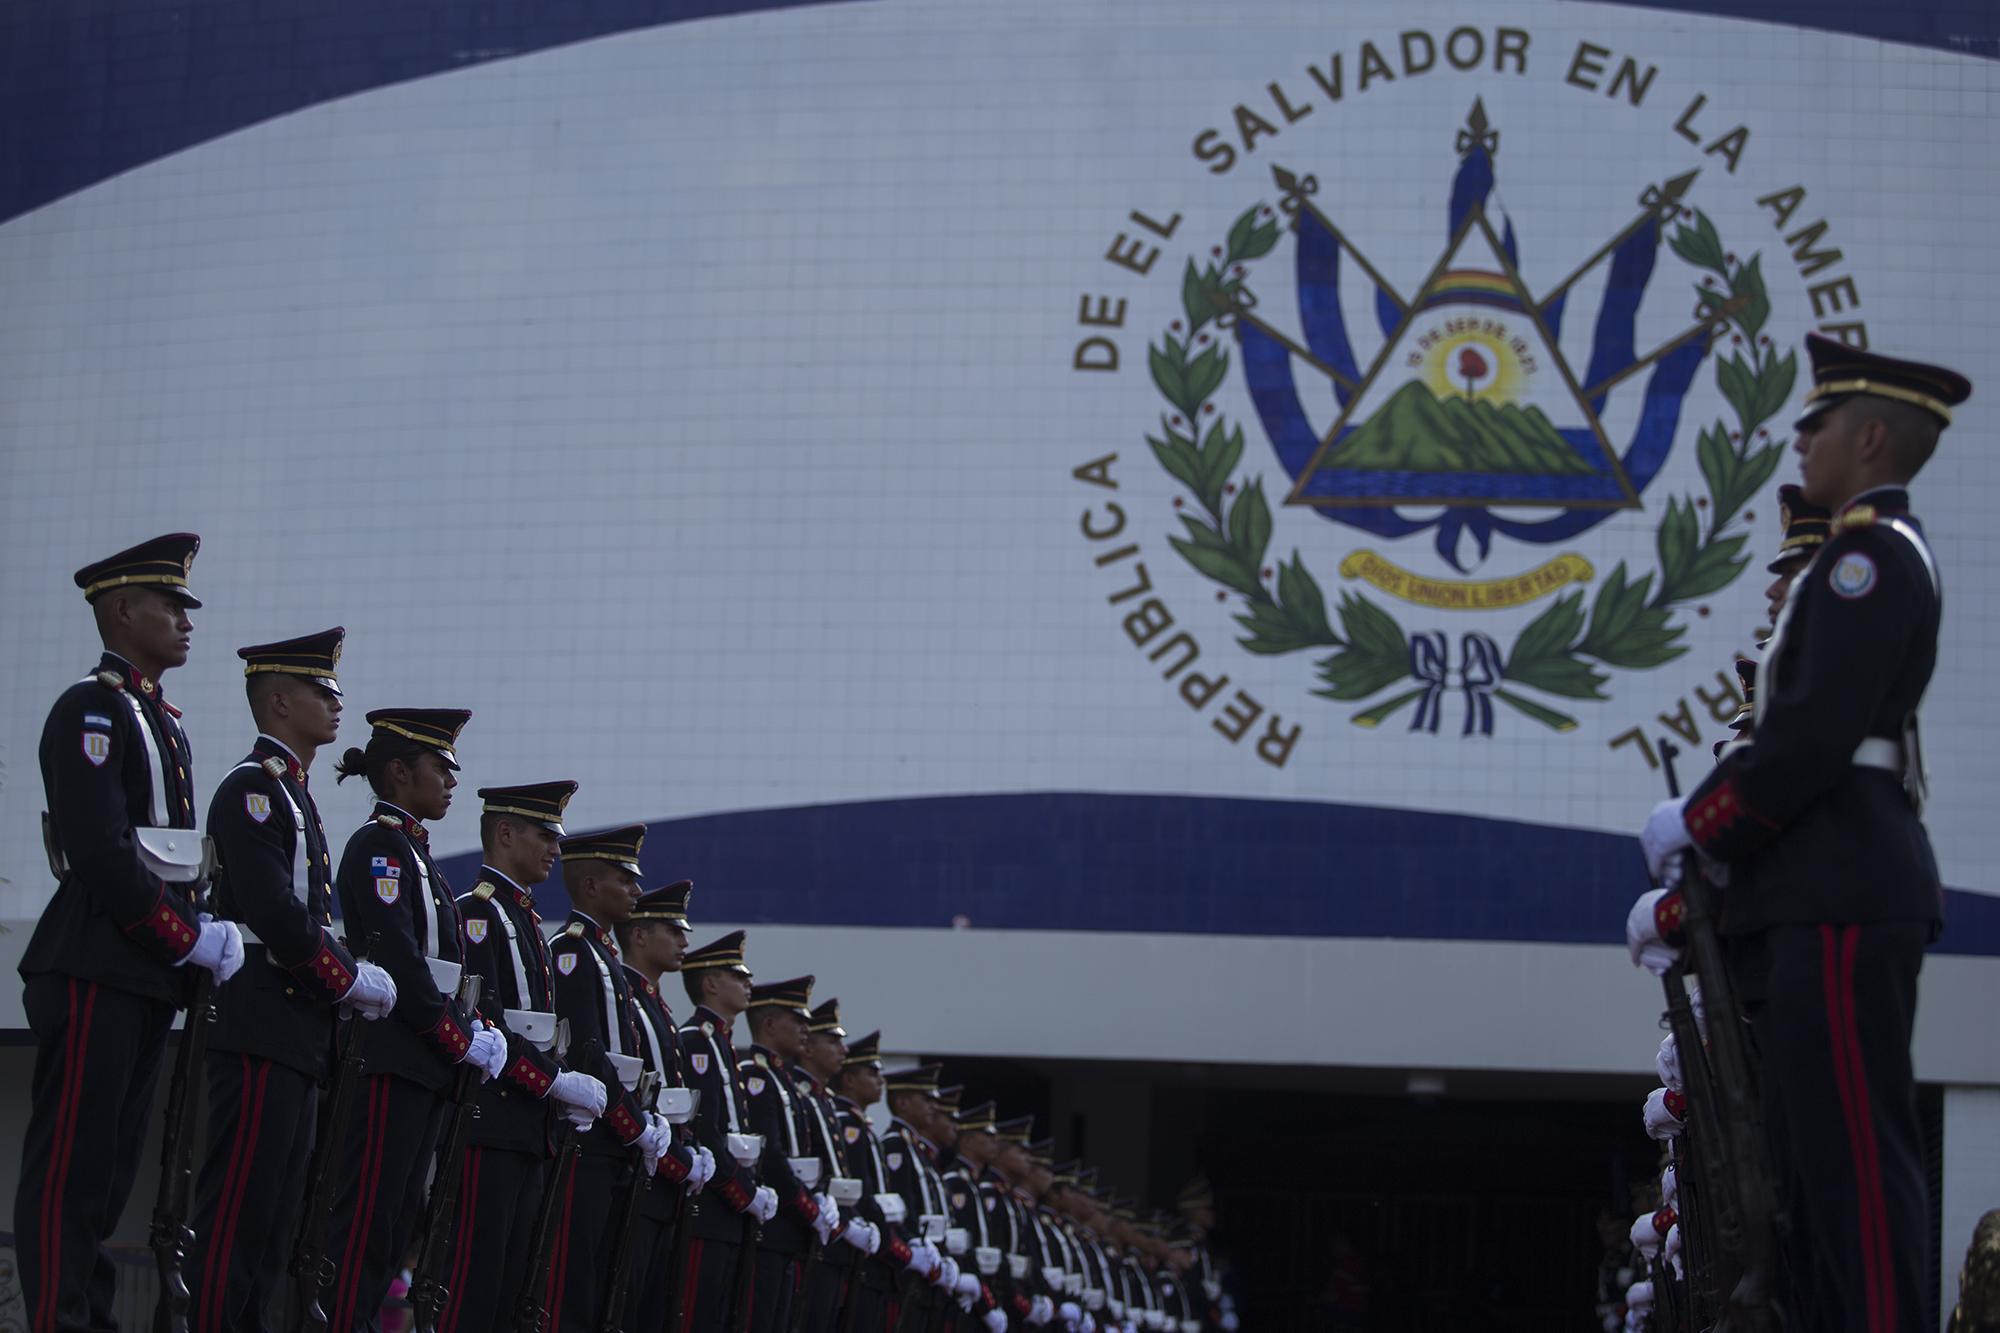 Dos horas antes que de el presidente apareciera, la escolta de cadetes de la Escuela Militar ya estaba instalada frente al Salón Azul, y el Estado Mayor Presidencial tenía control de la Asamblea Legislativa. Foto de El Faro: Víctor Peña.